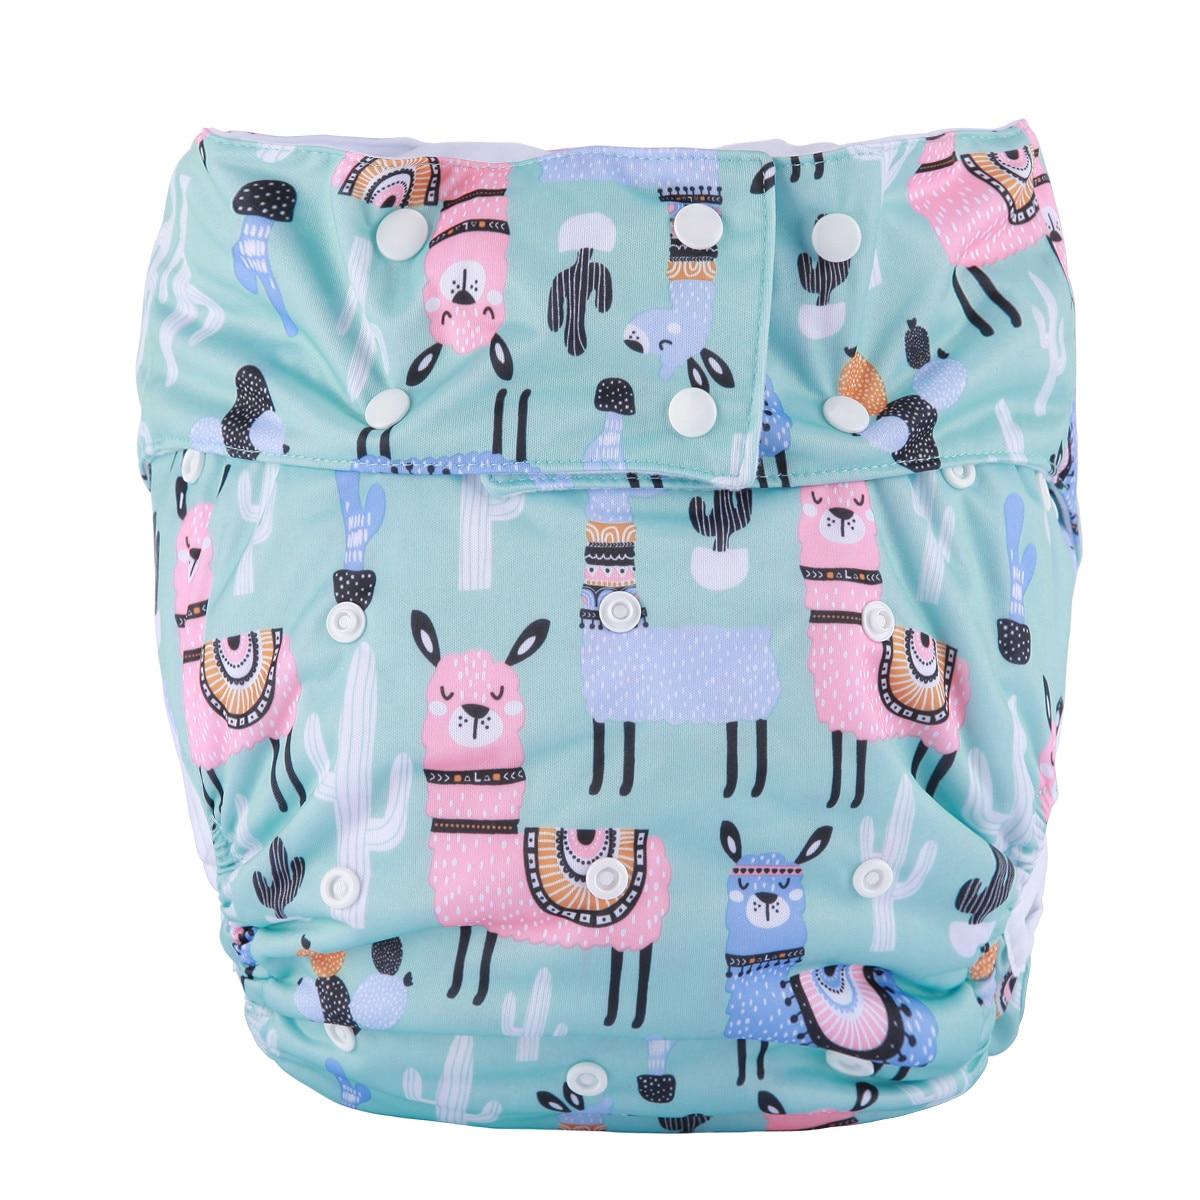 Подгузник из ткани [sigзагор] для 1 подростка для взрослых, подгузник с карманом, недержание мочи, водонепроницаемые многоразовые подгузники ...